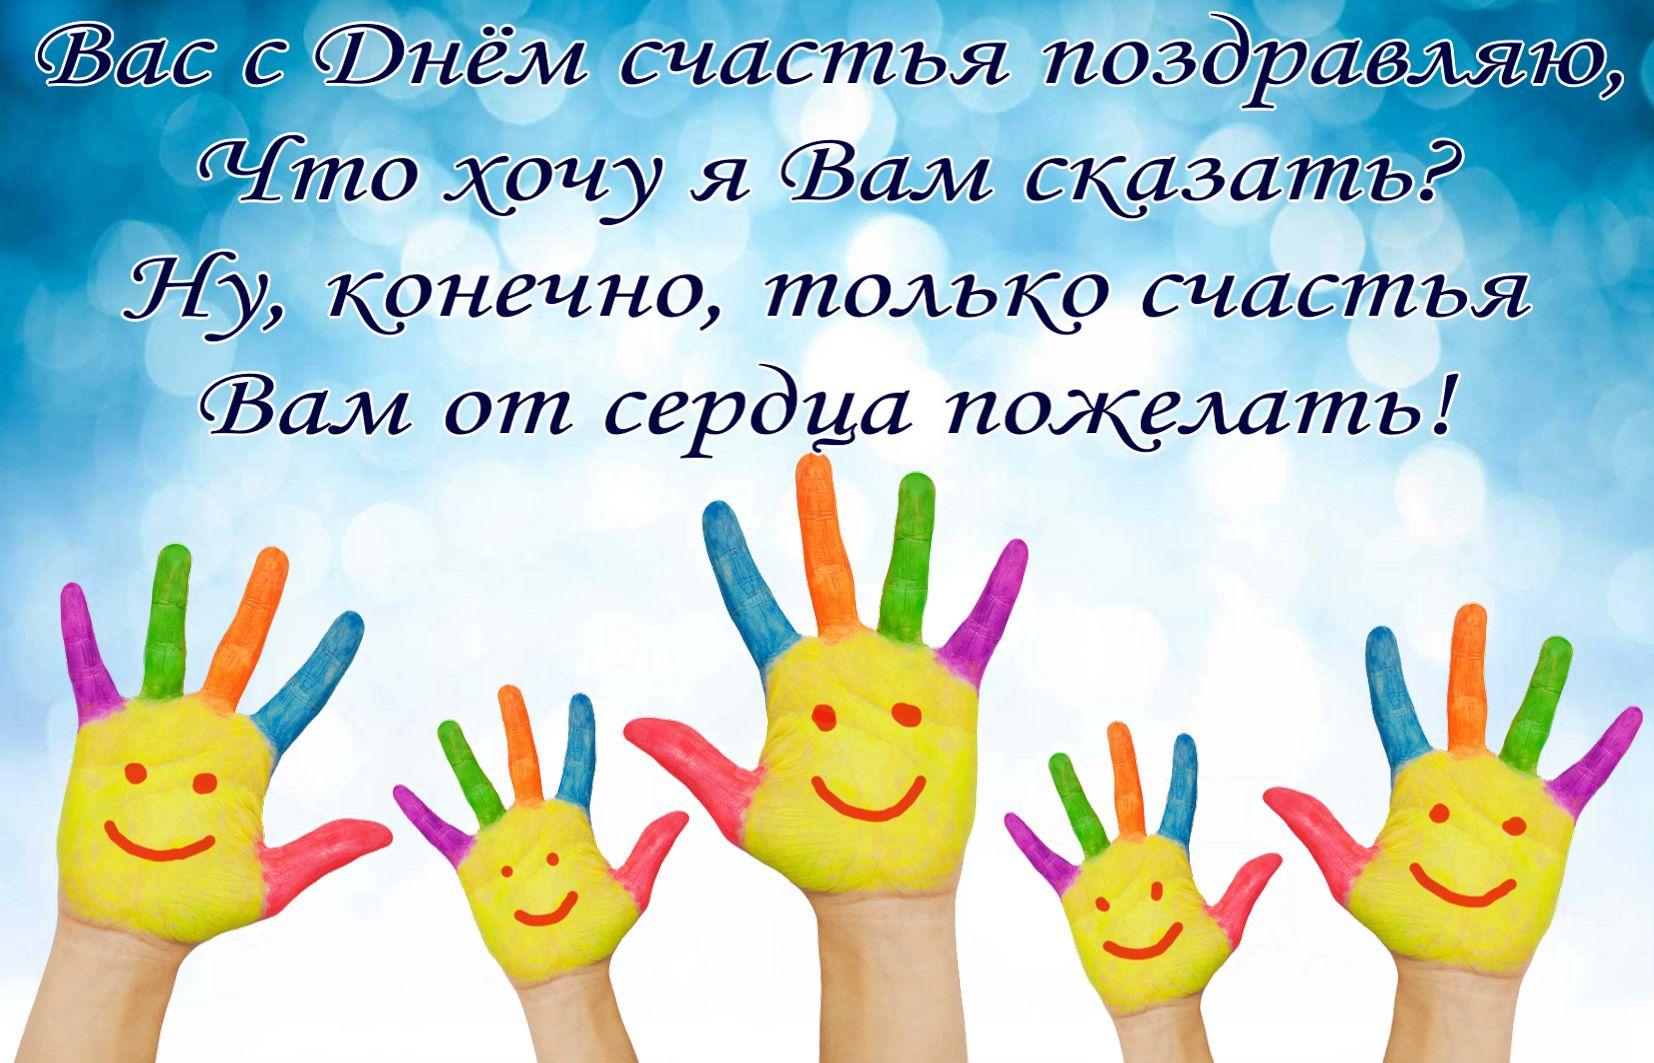 Открытка на день счастья